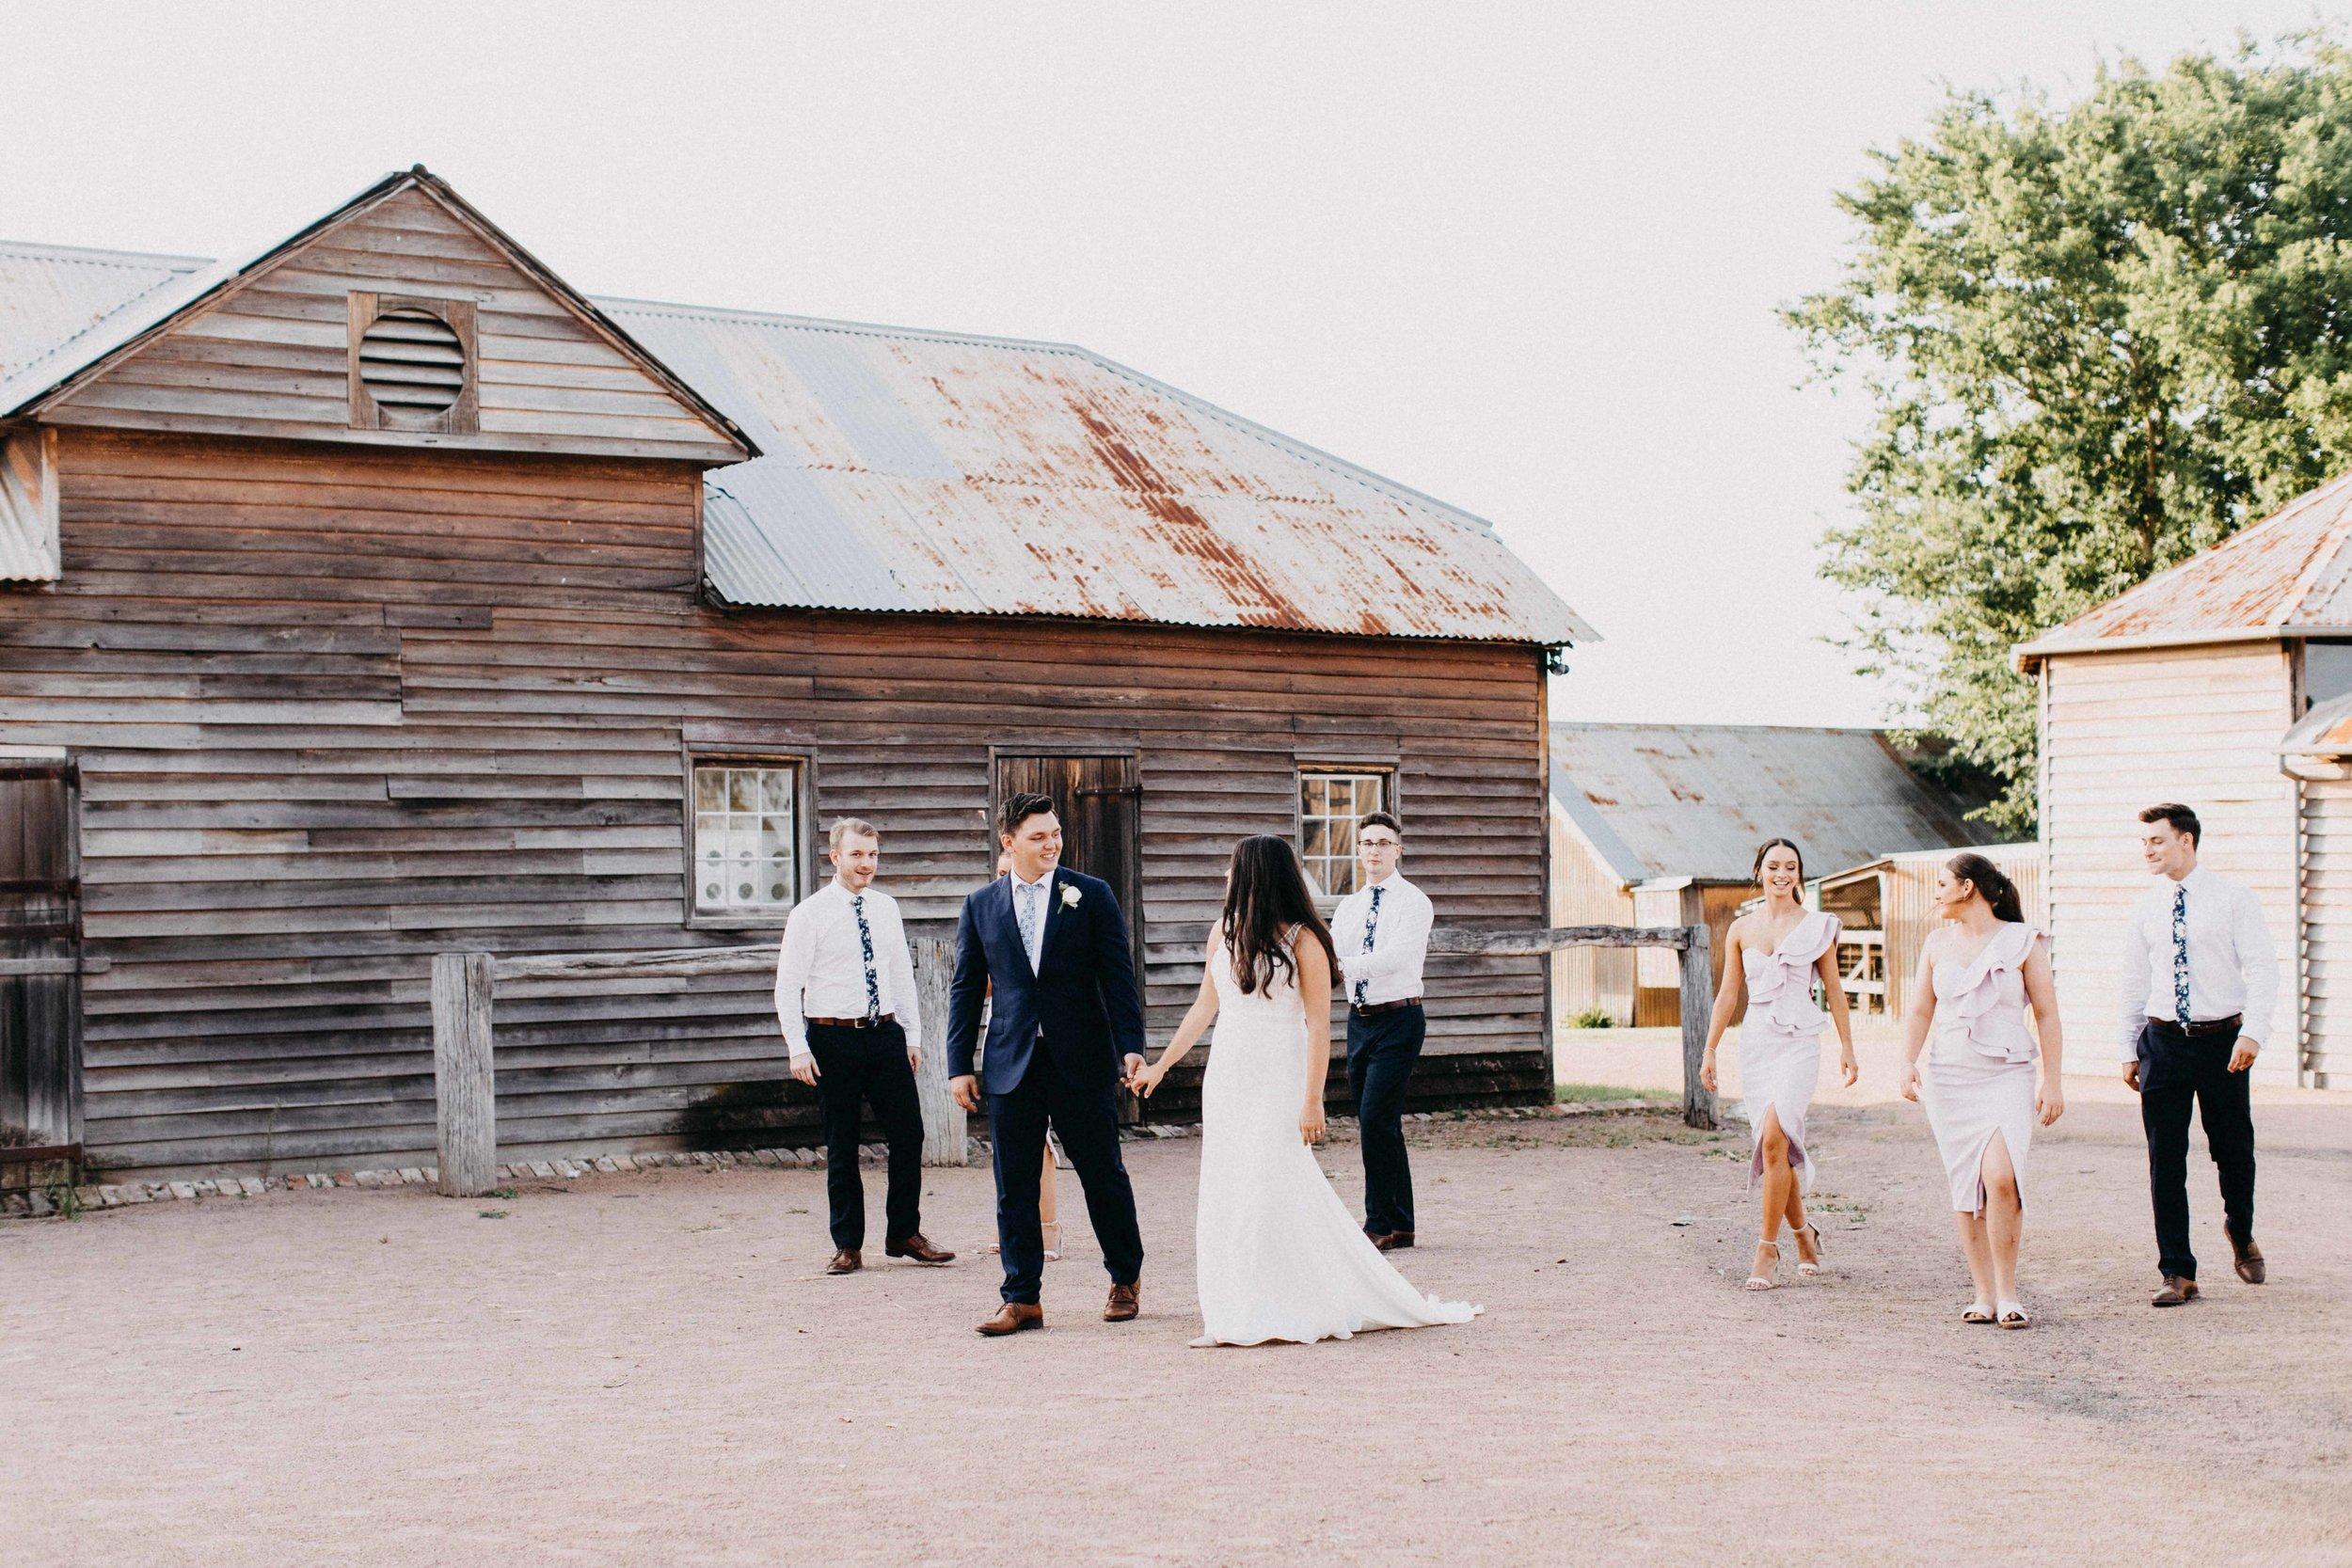 www.emilyobrienphotography.net-belgenny-farm-wedding-camden-photography-maddie-andrzej-154.jpg